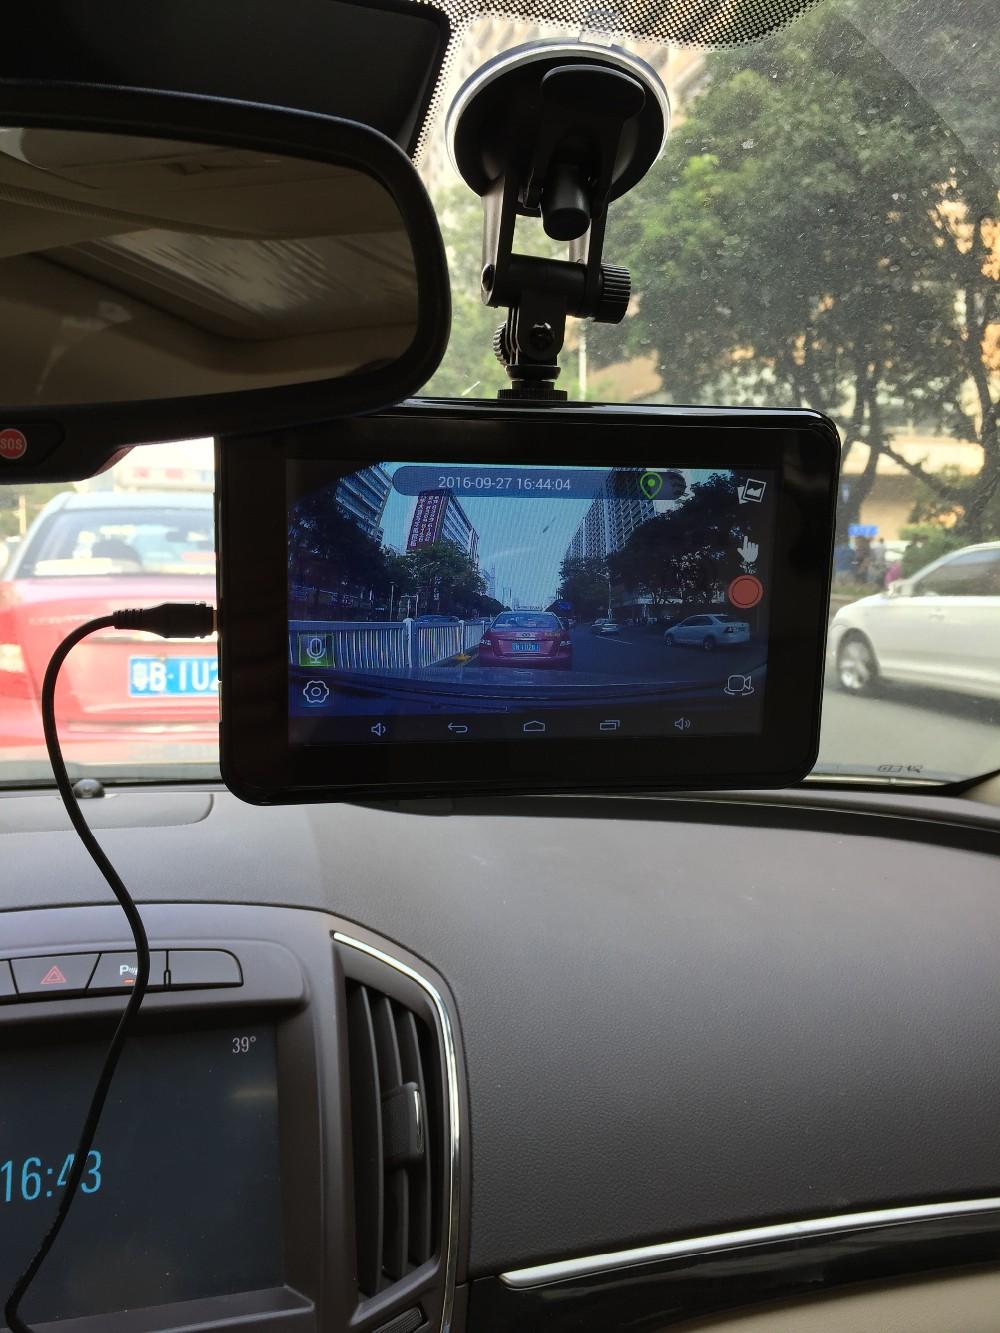 Купить Новый 7 дюймов GPS Навигации DVR Android Wi-Fi Камера Заднего Вида AVIN анти Радар-Детектор FM Передает 16 ГБ Грузовик GPS Бесплатную Карту